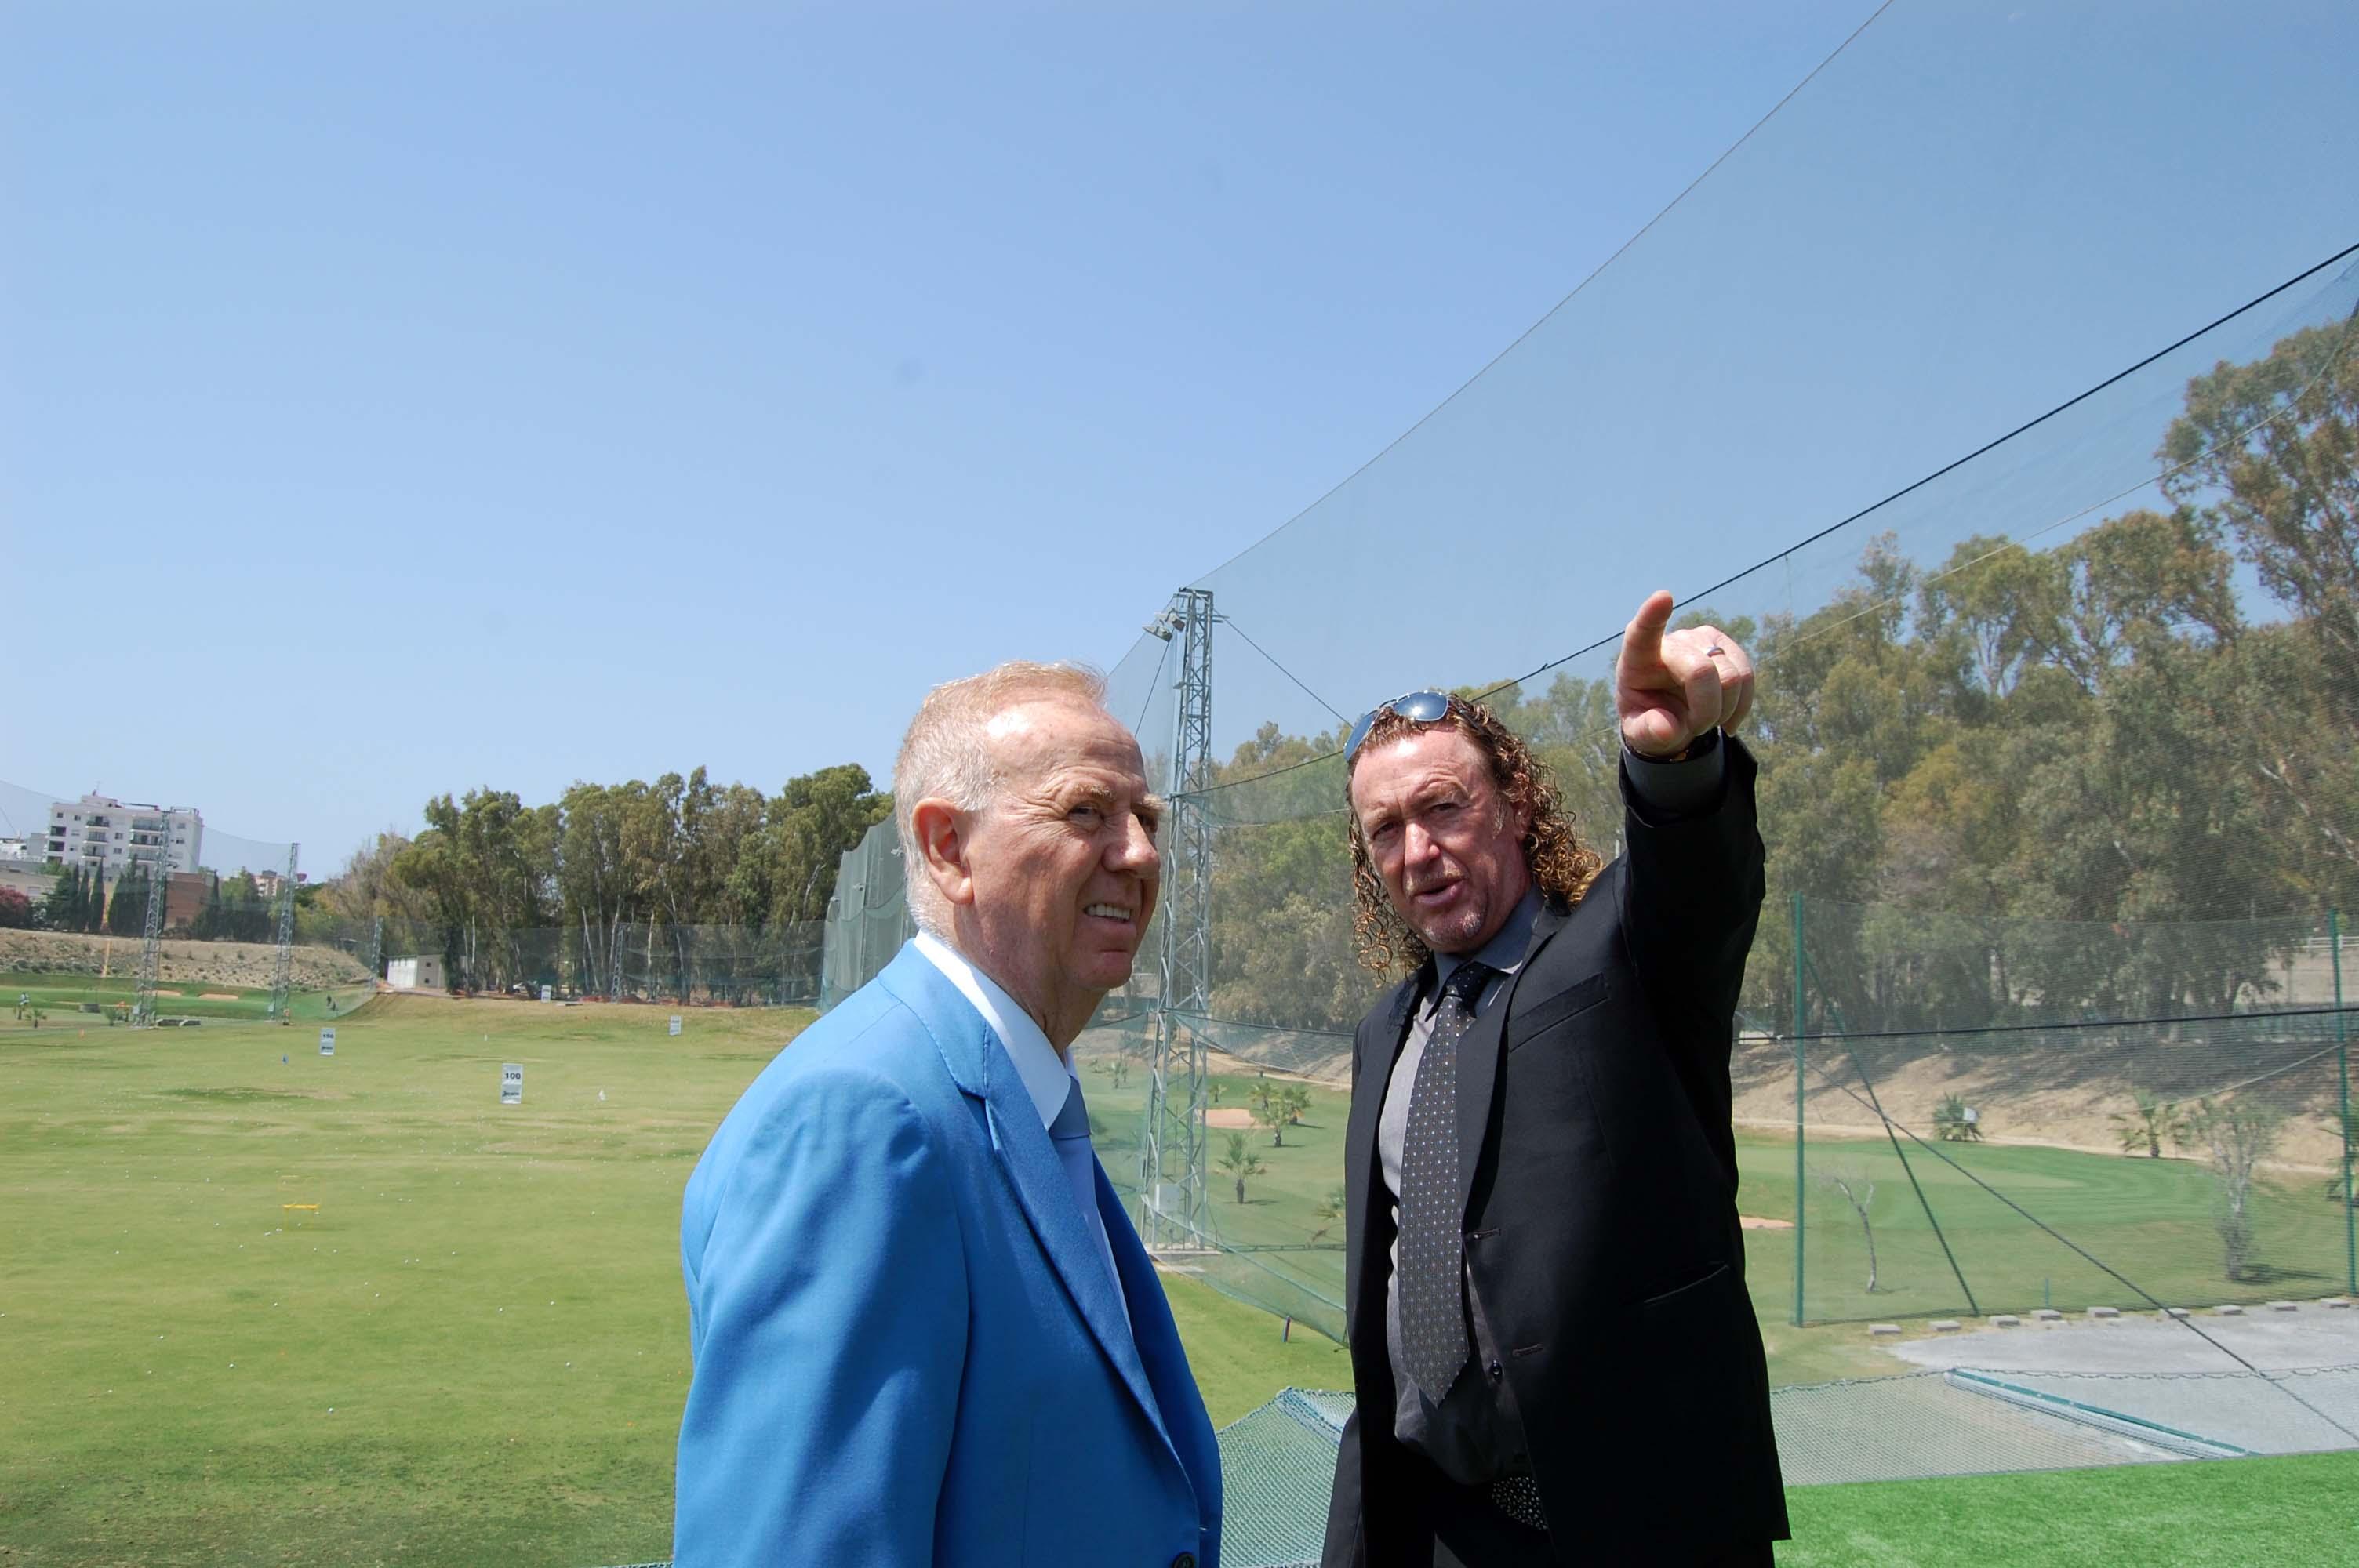 El alcalde de Torremolinos Pedro Fernández Montes y el golfista Miguel Ángel Jiménez durante la Inauguración de 'La Casa Club'. Fuente: AD